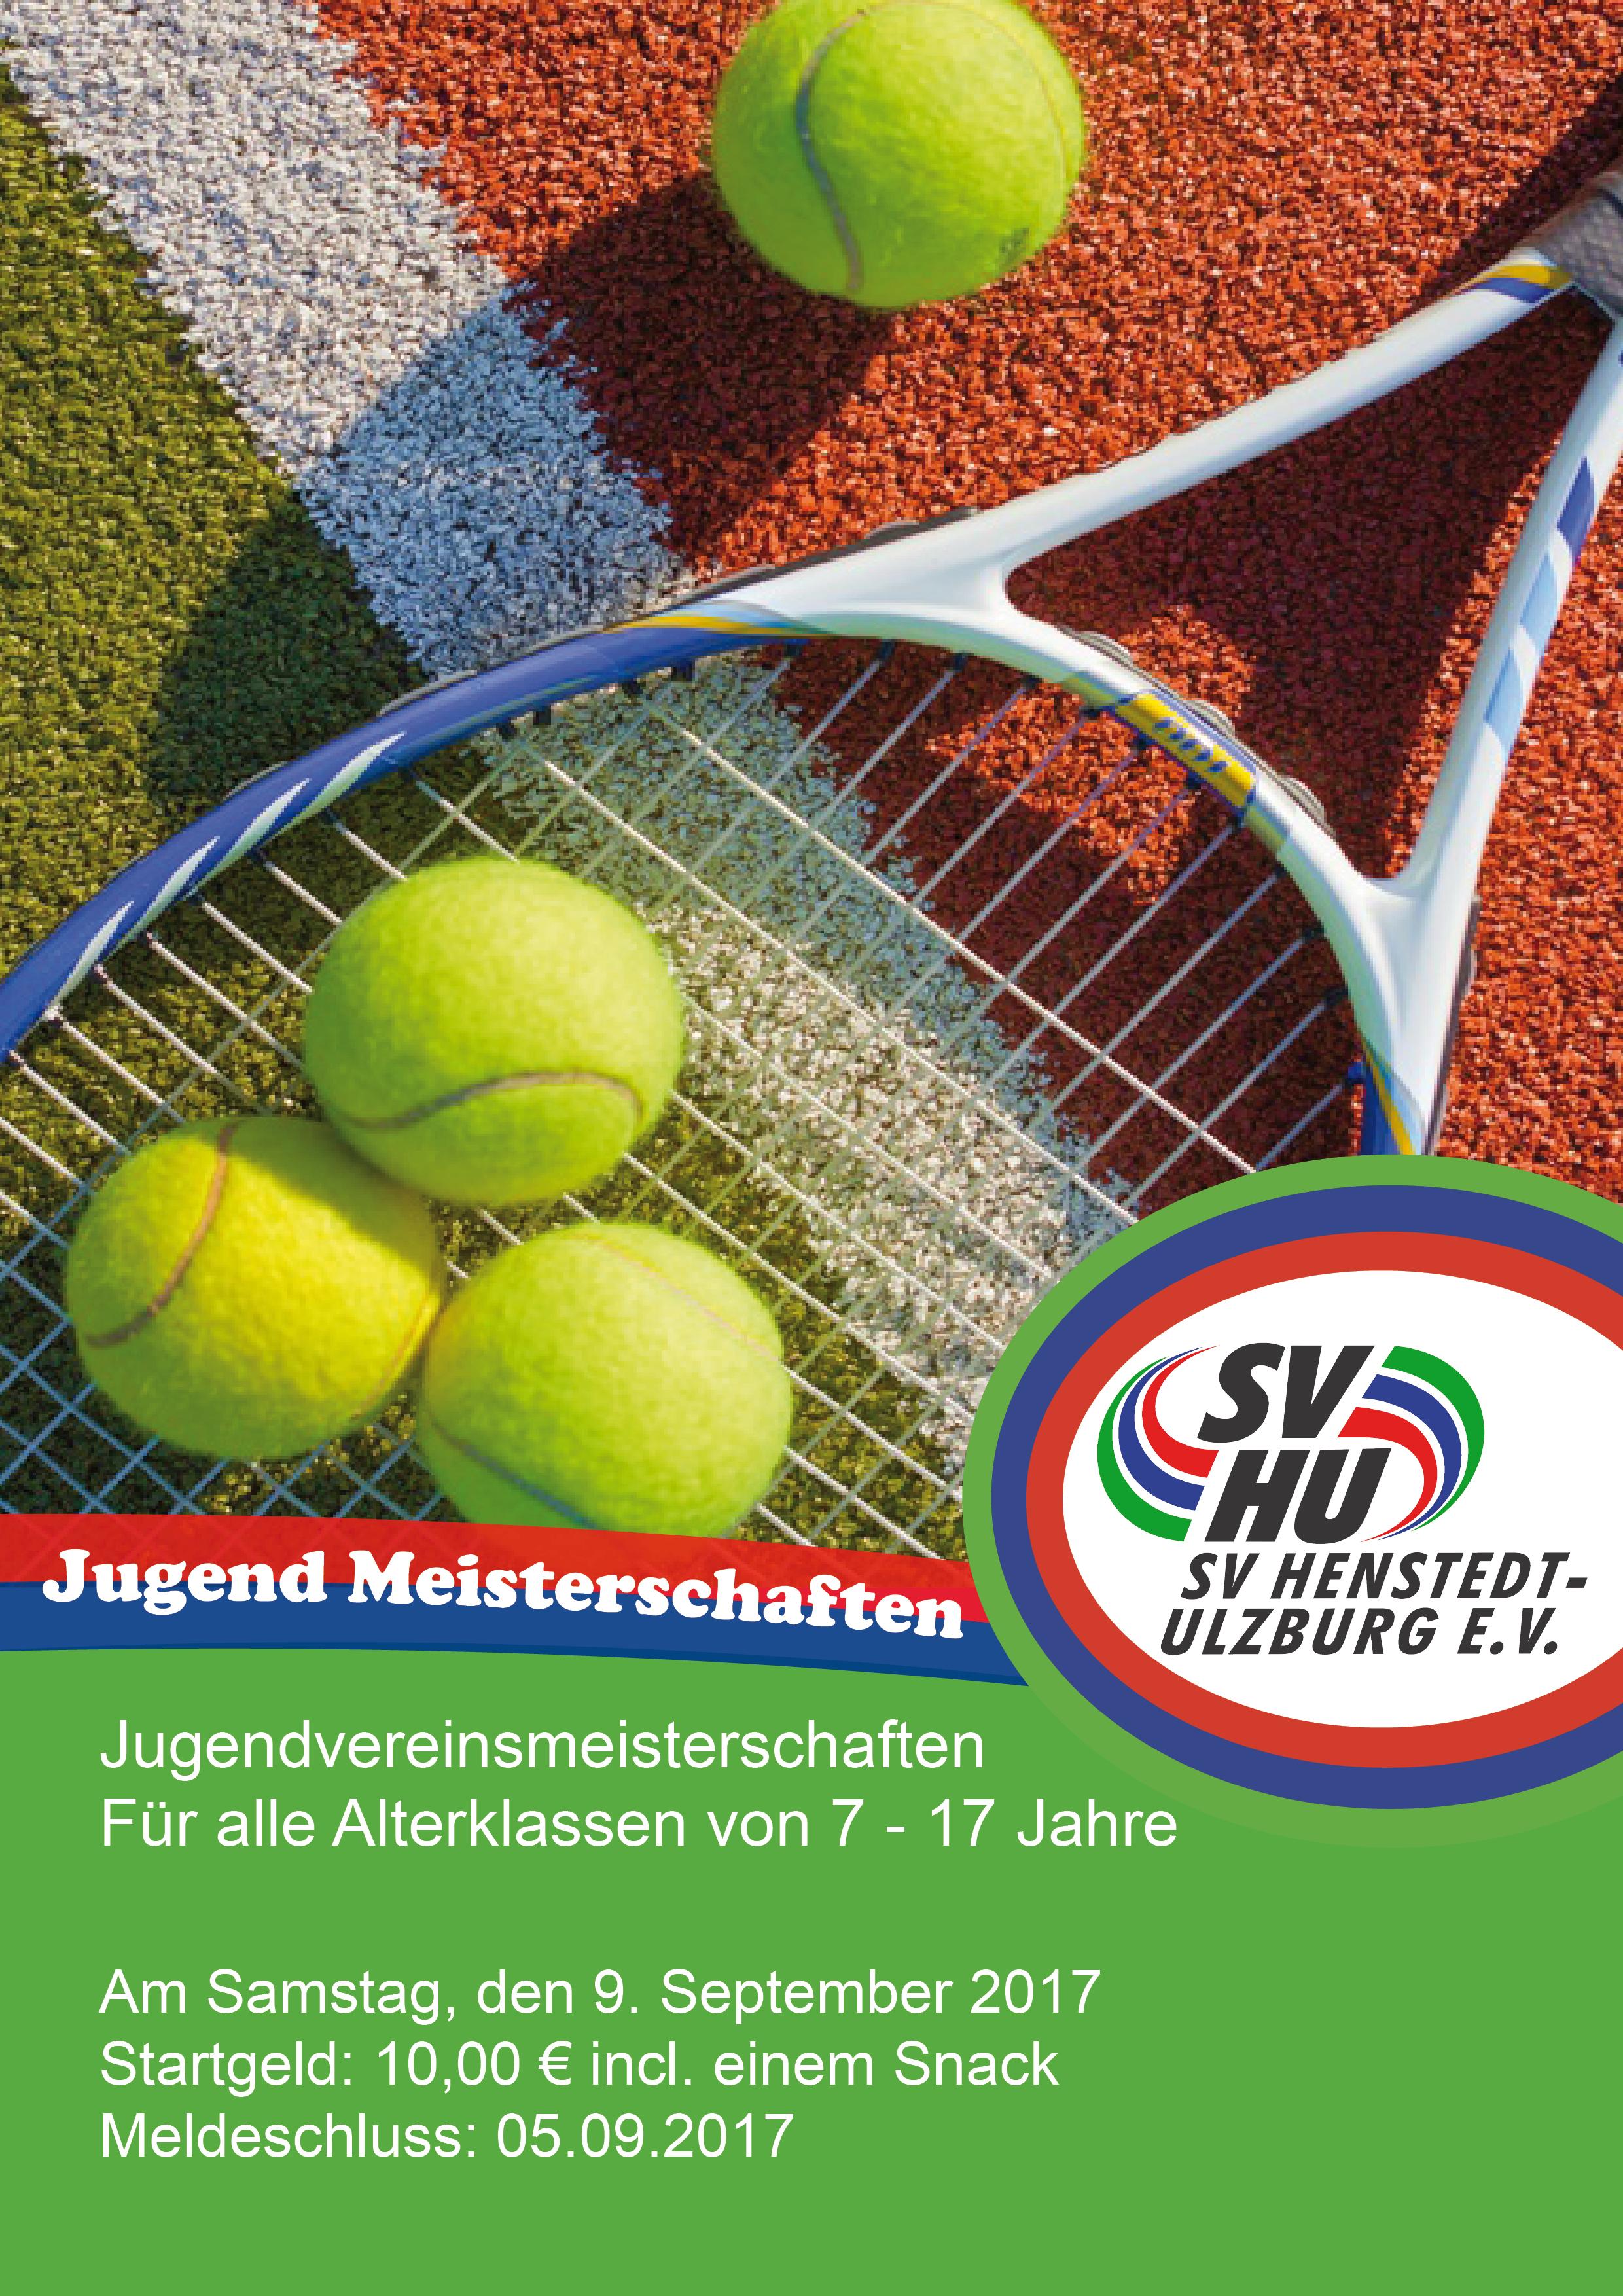 jugend meisterschaften tennis sportverein henstedt. Black Bedroom Furniture Sets. Home Design Ideas